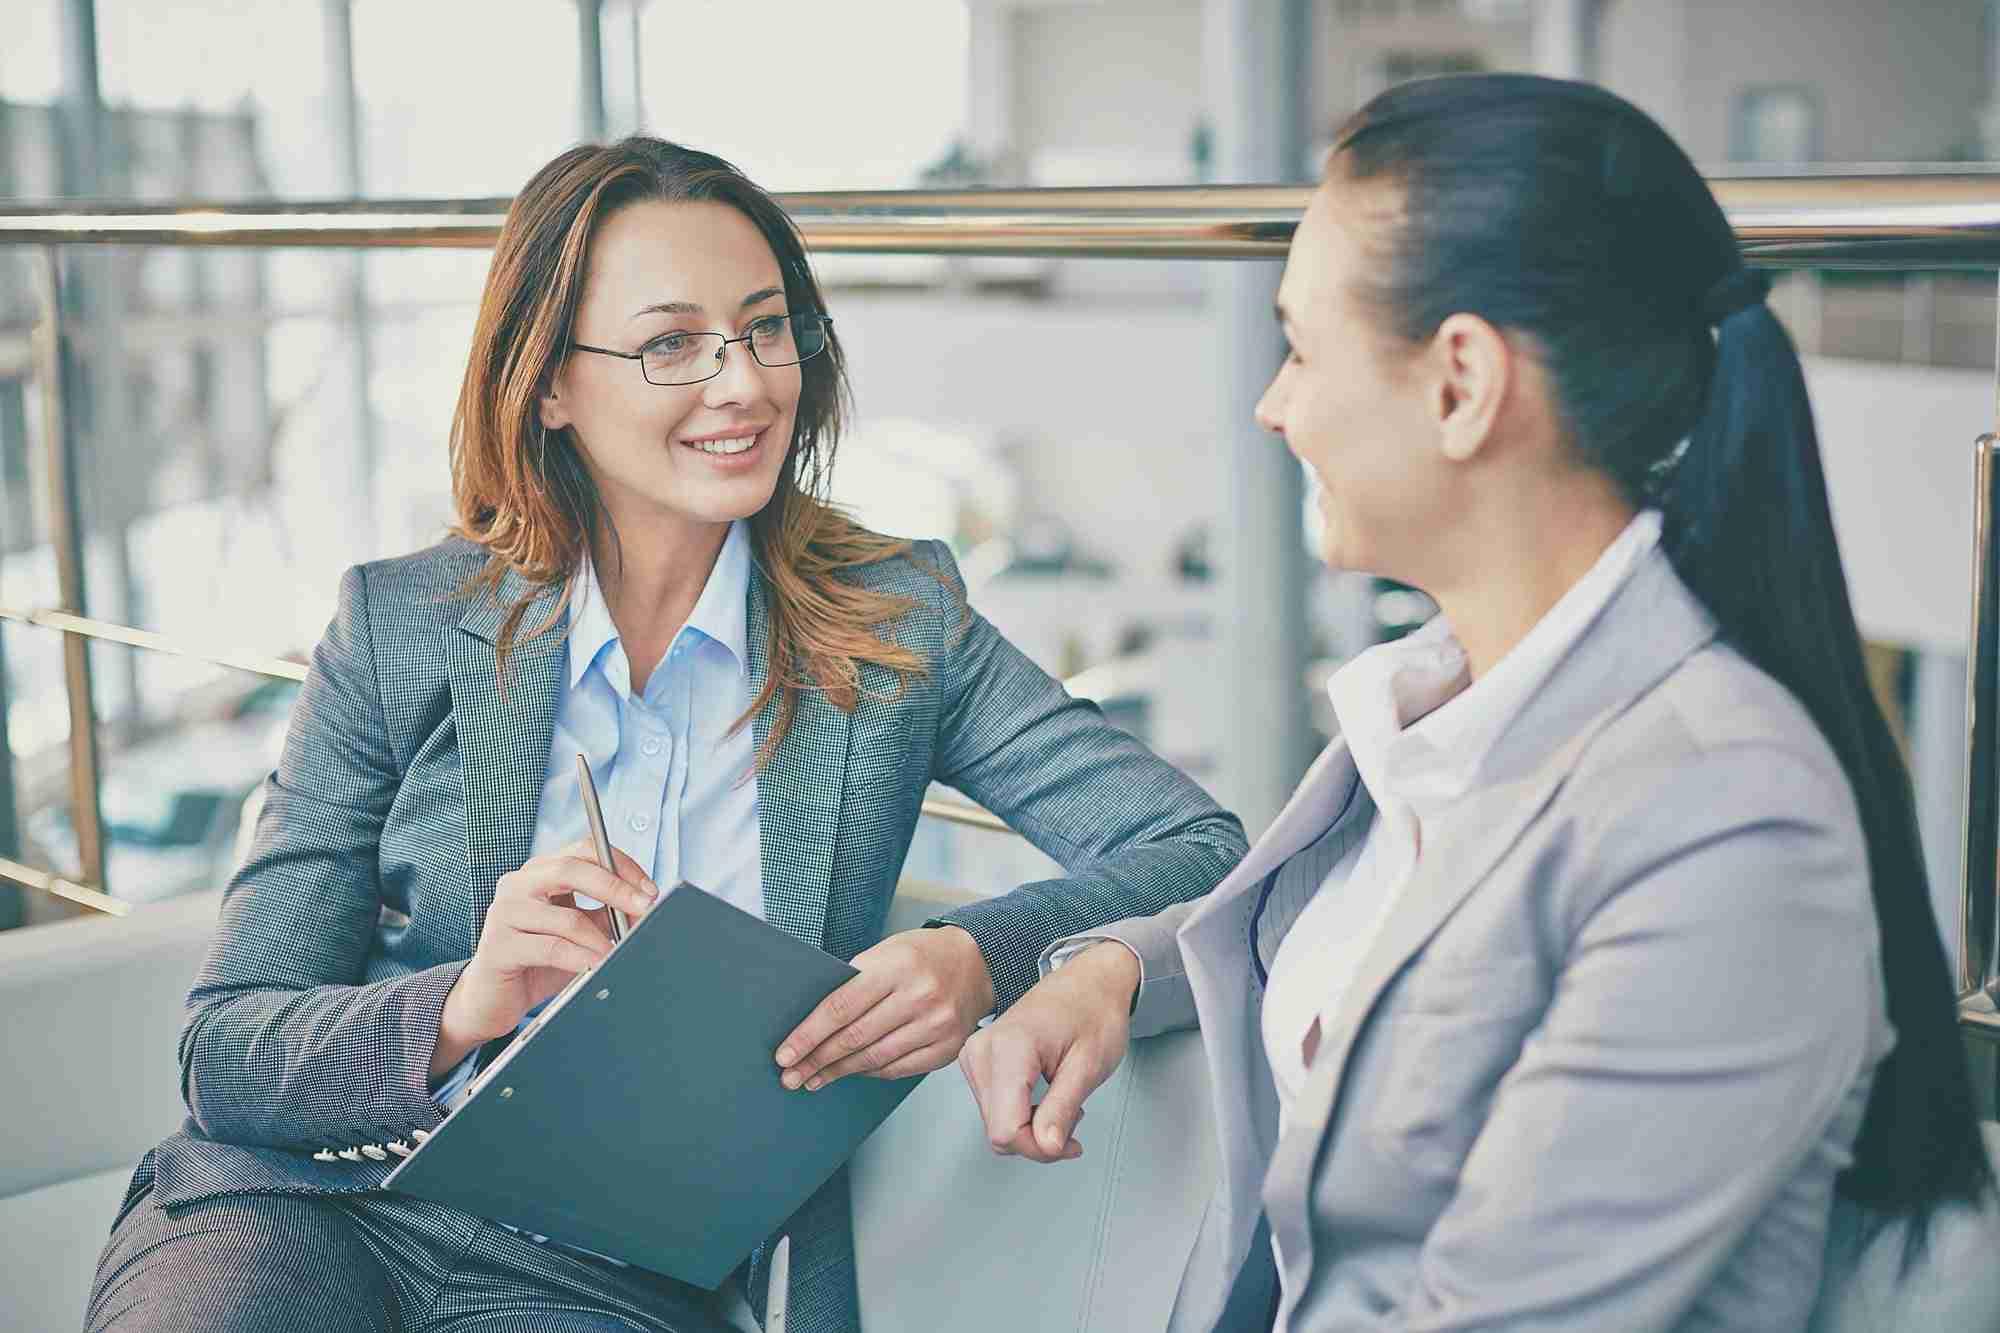 Talk of businesswomen